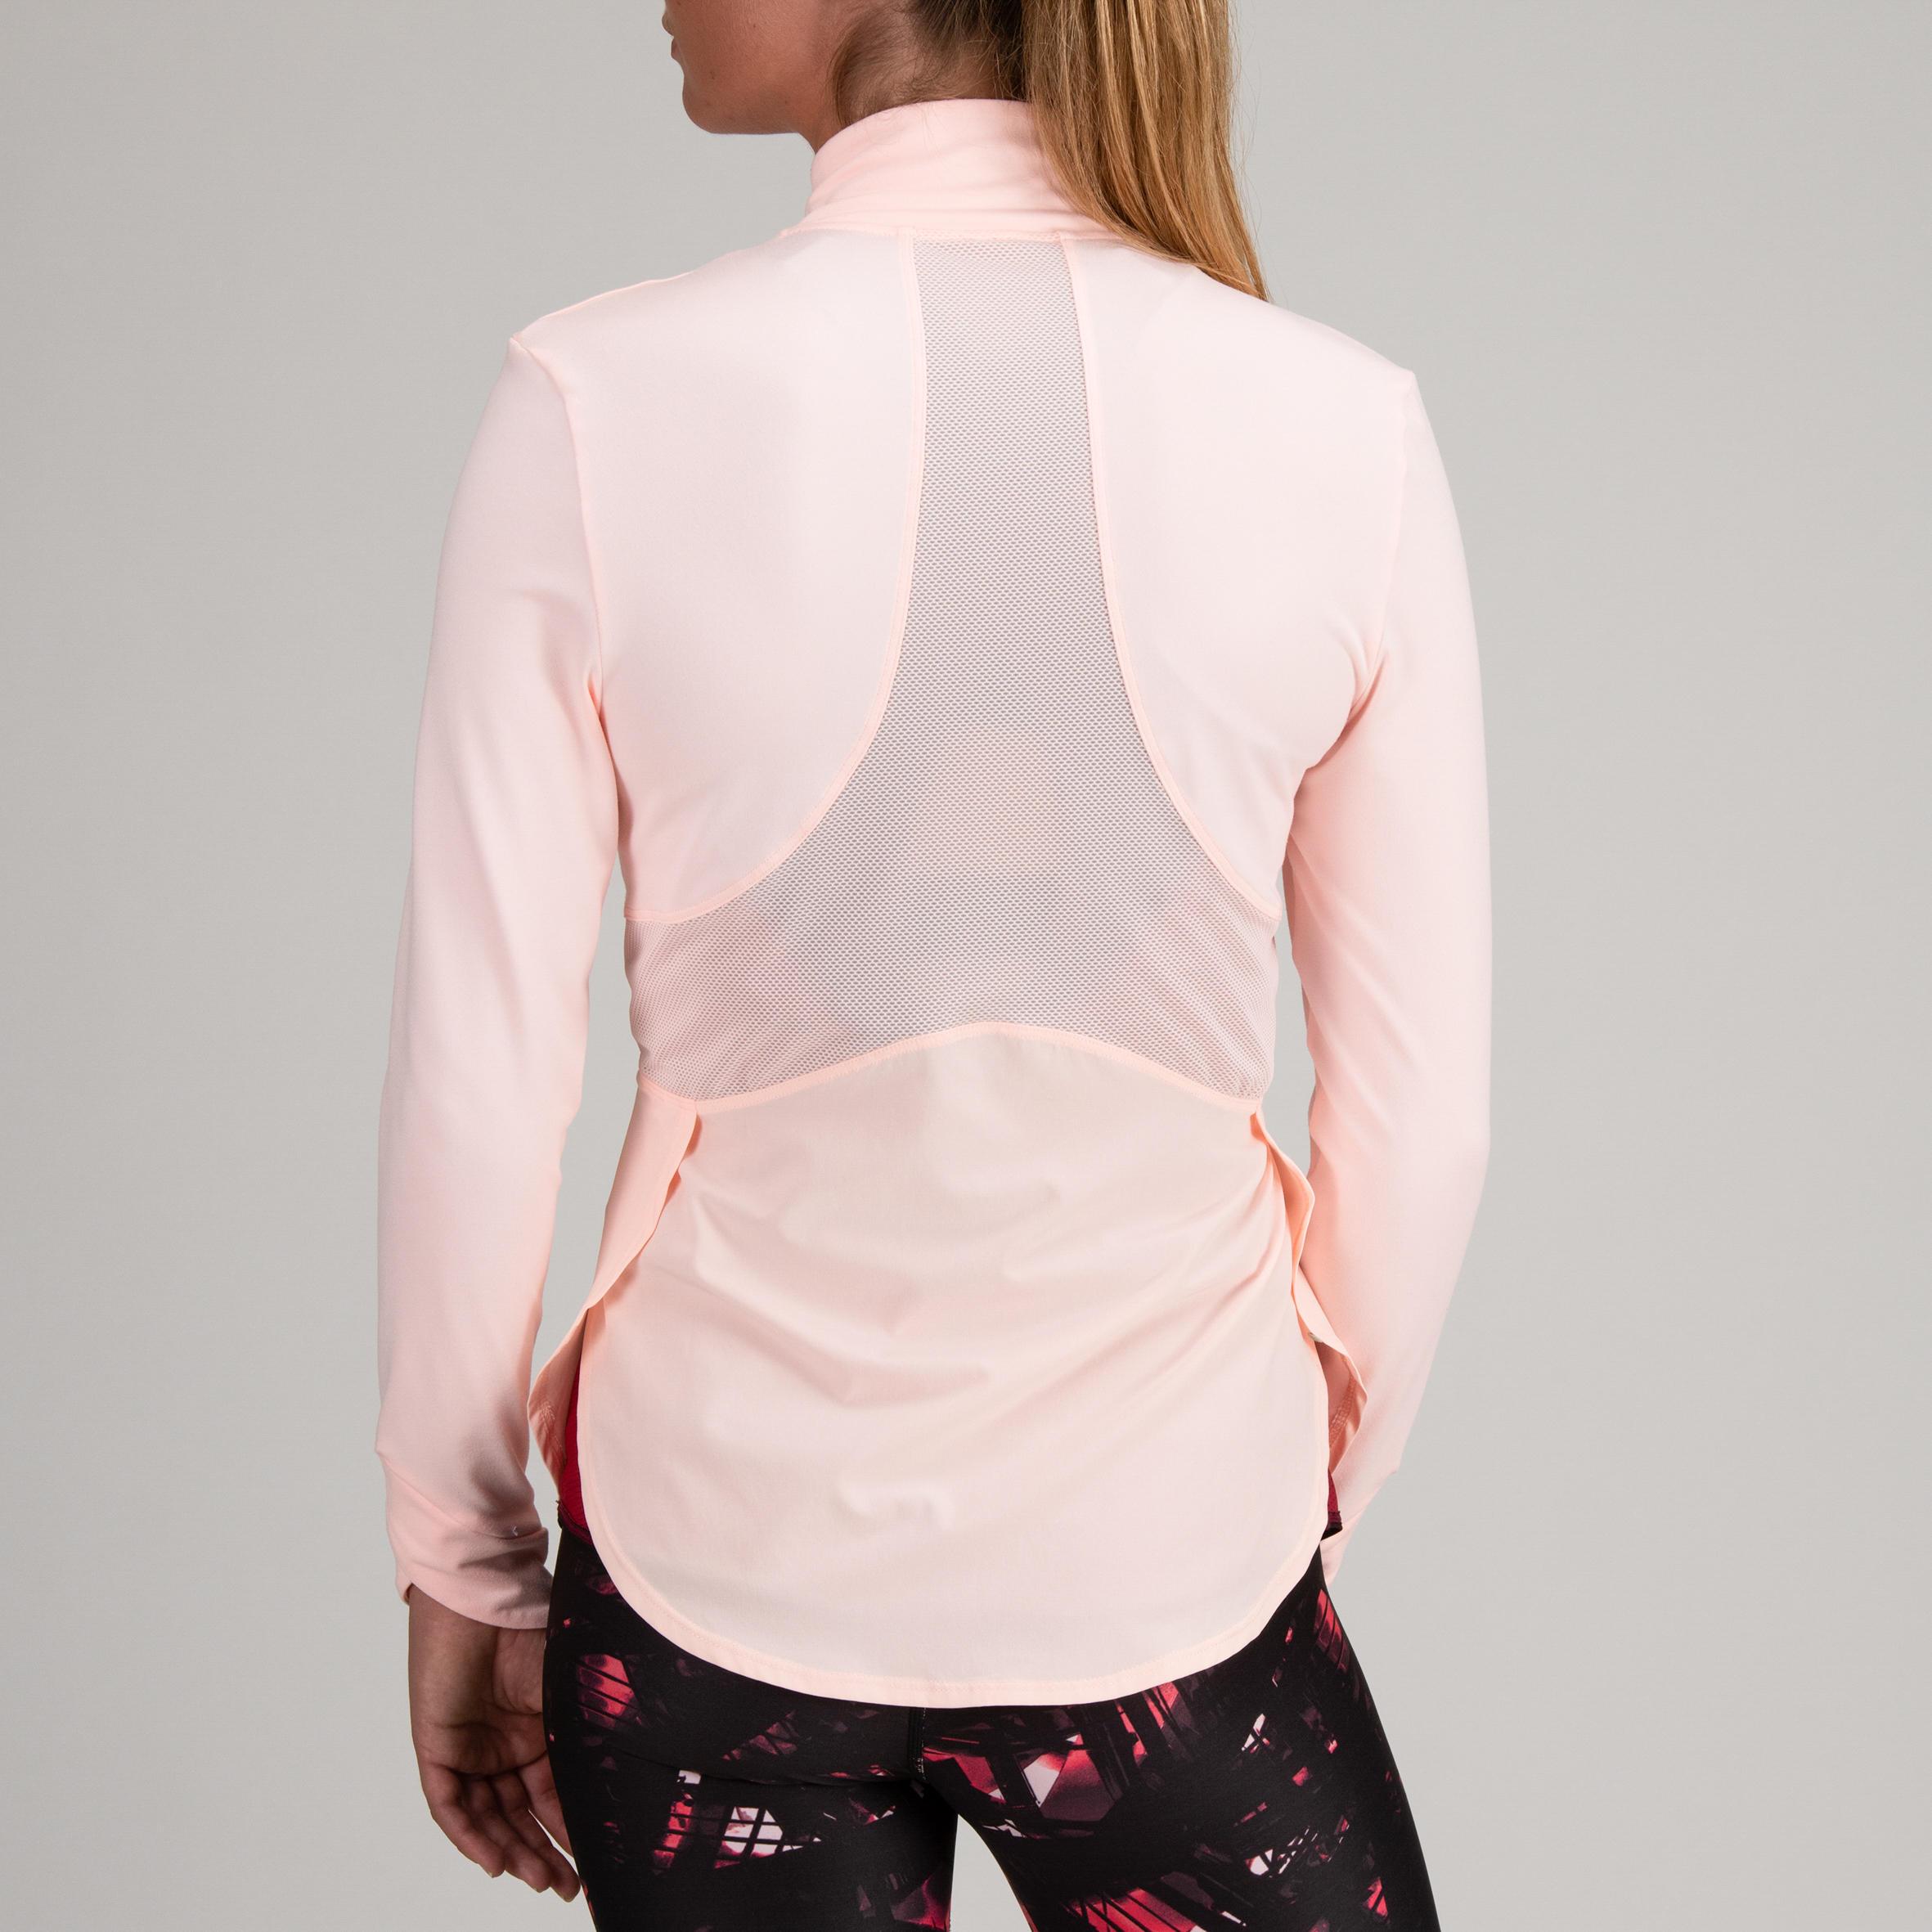 Veste cardio fitness femme rose pâle 500